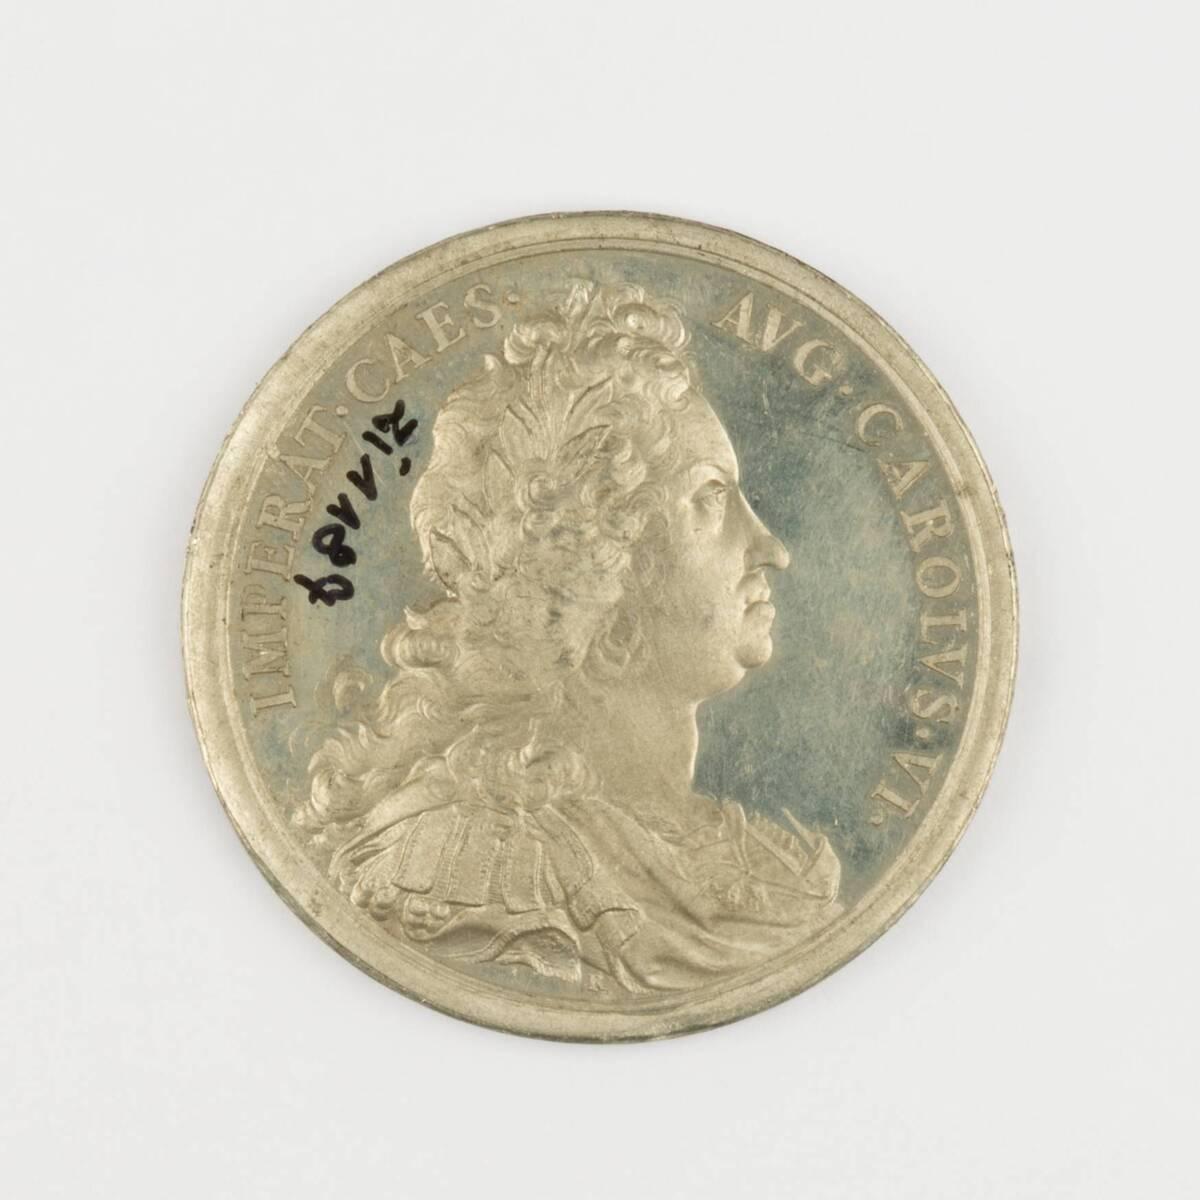 Medaille auf die Krönung Kaiser Karl VI. als König von Böhmen von Richter, Benedikt